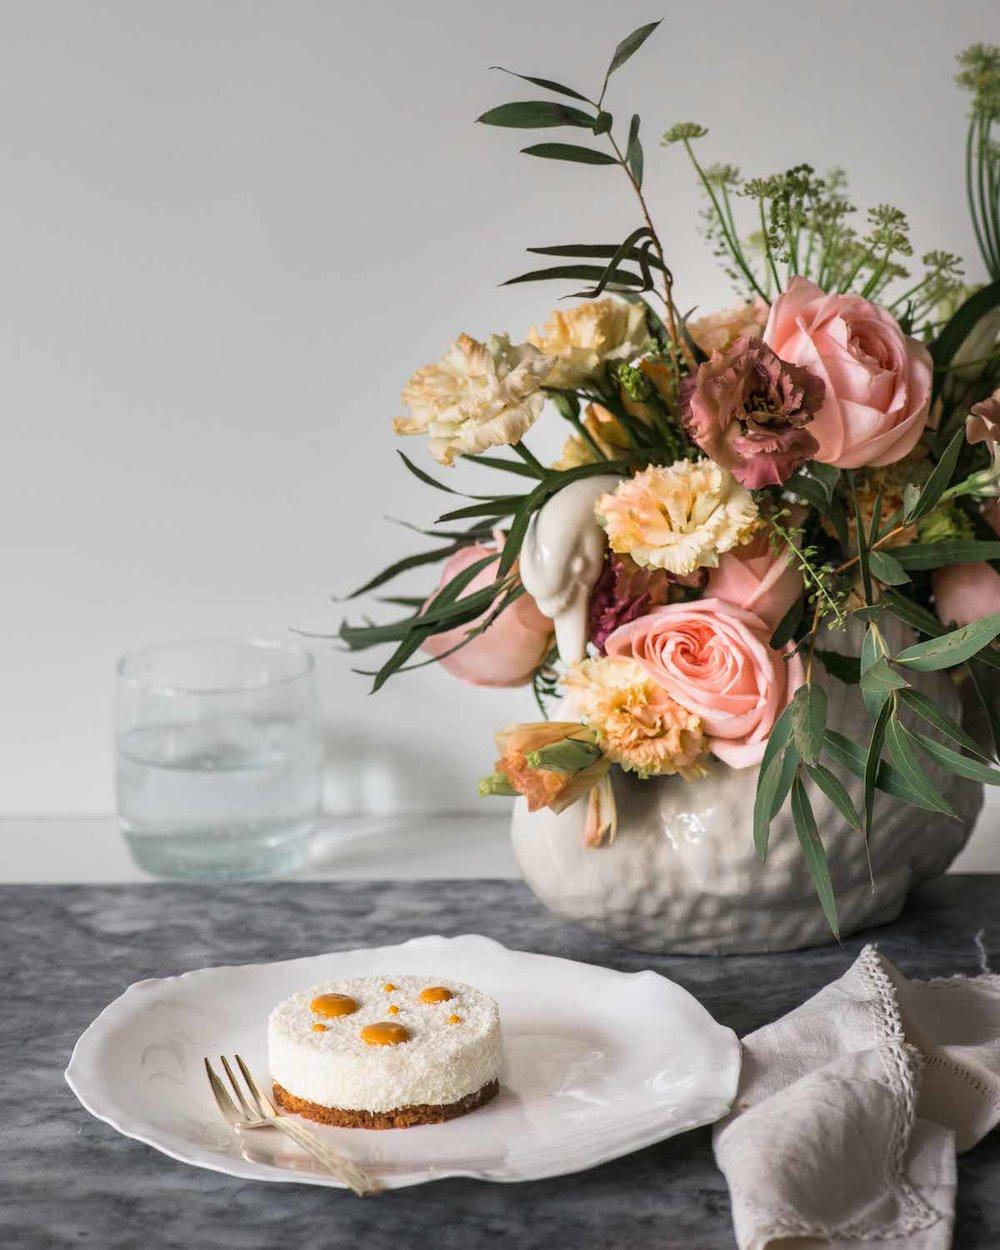 Mood+shot+flower+in+swan.jpg